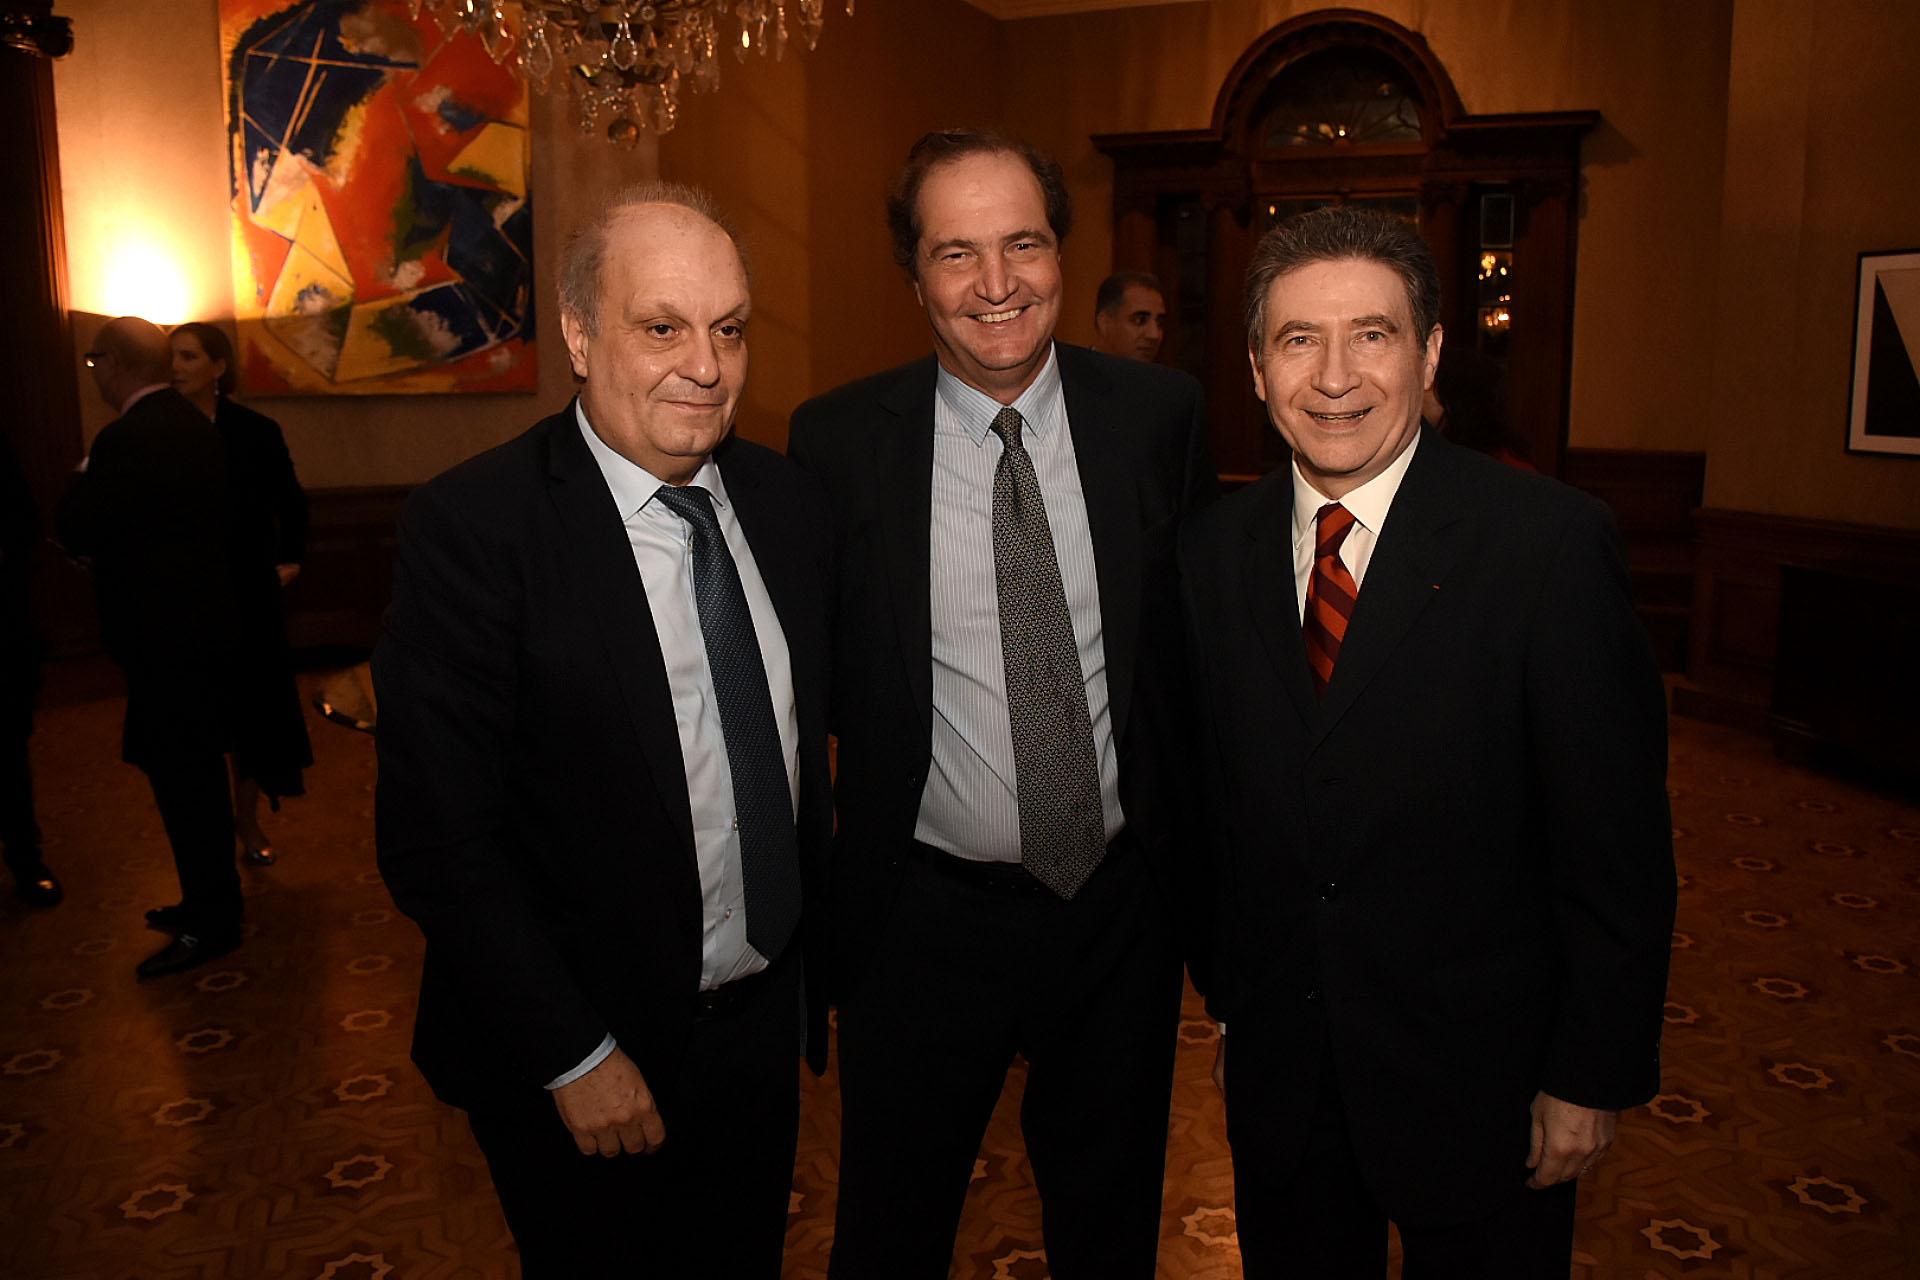 Hernán Lombardi y el embajador francés reciben a Pablo Clusellas, secretario Legal y Técnico de la Presidencia